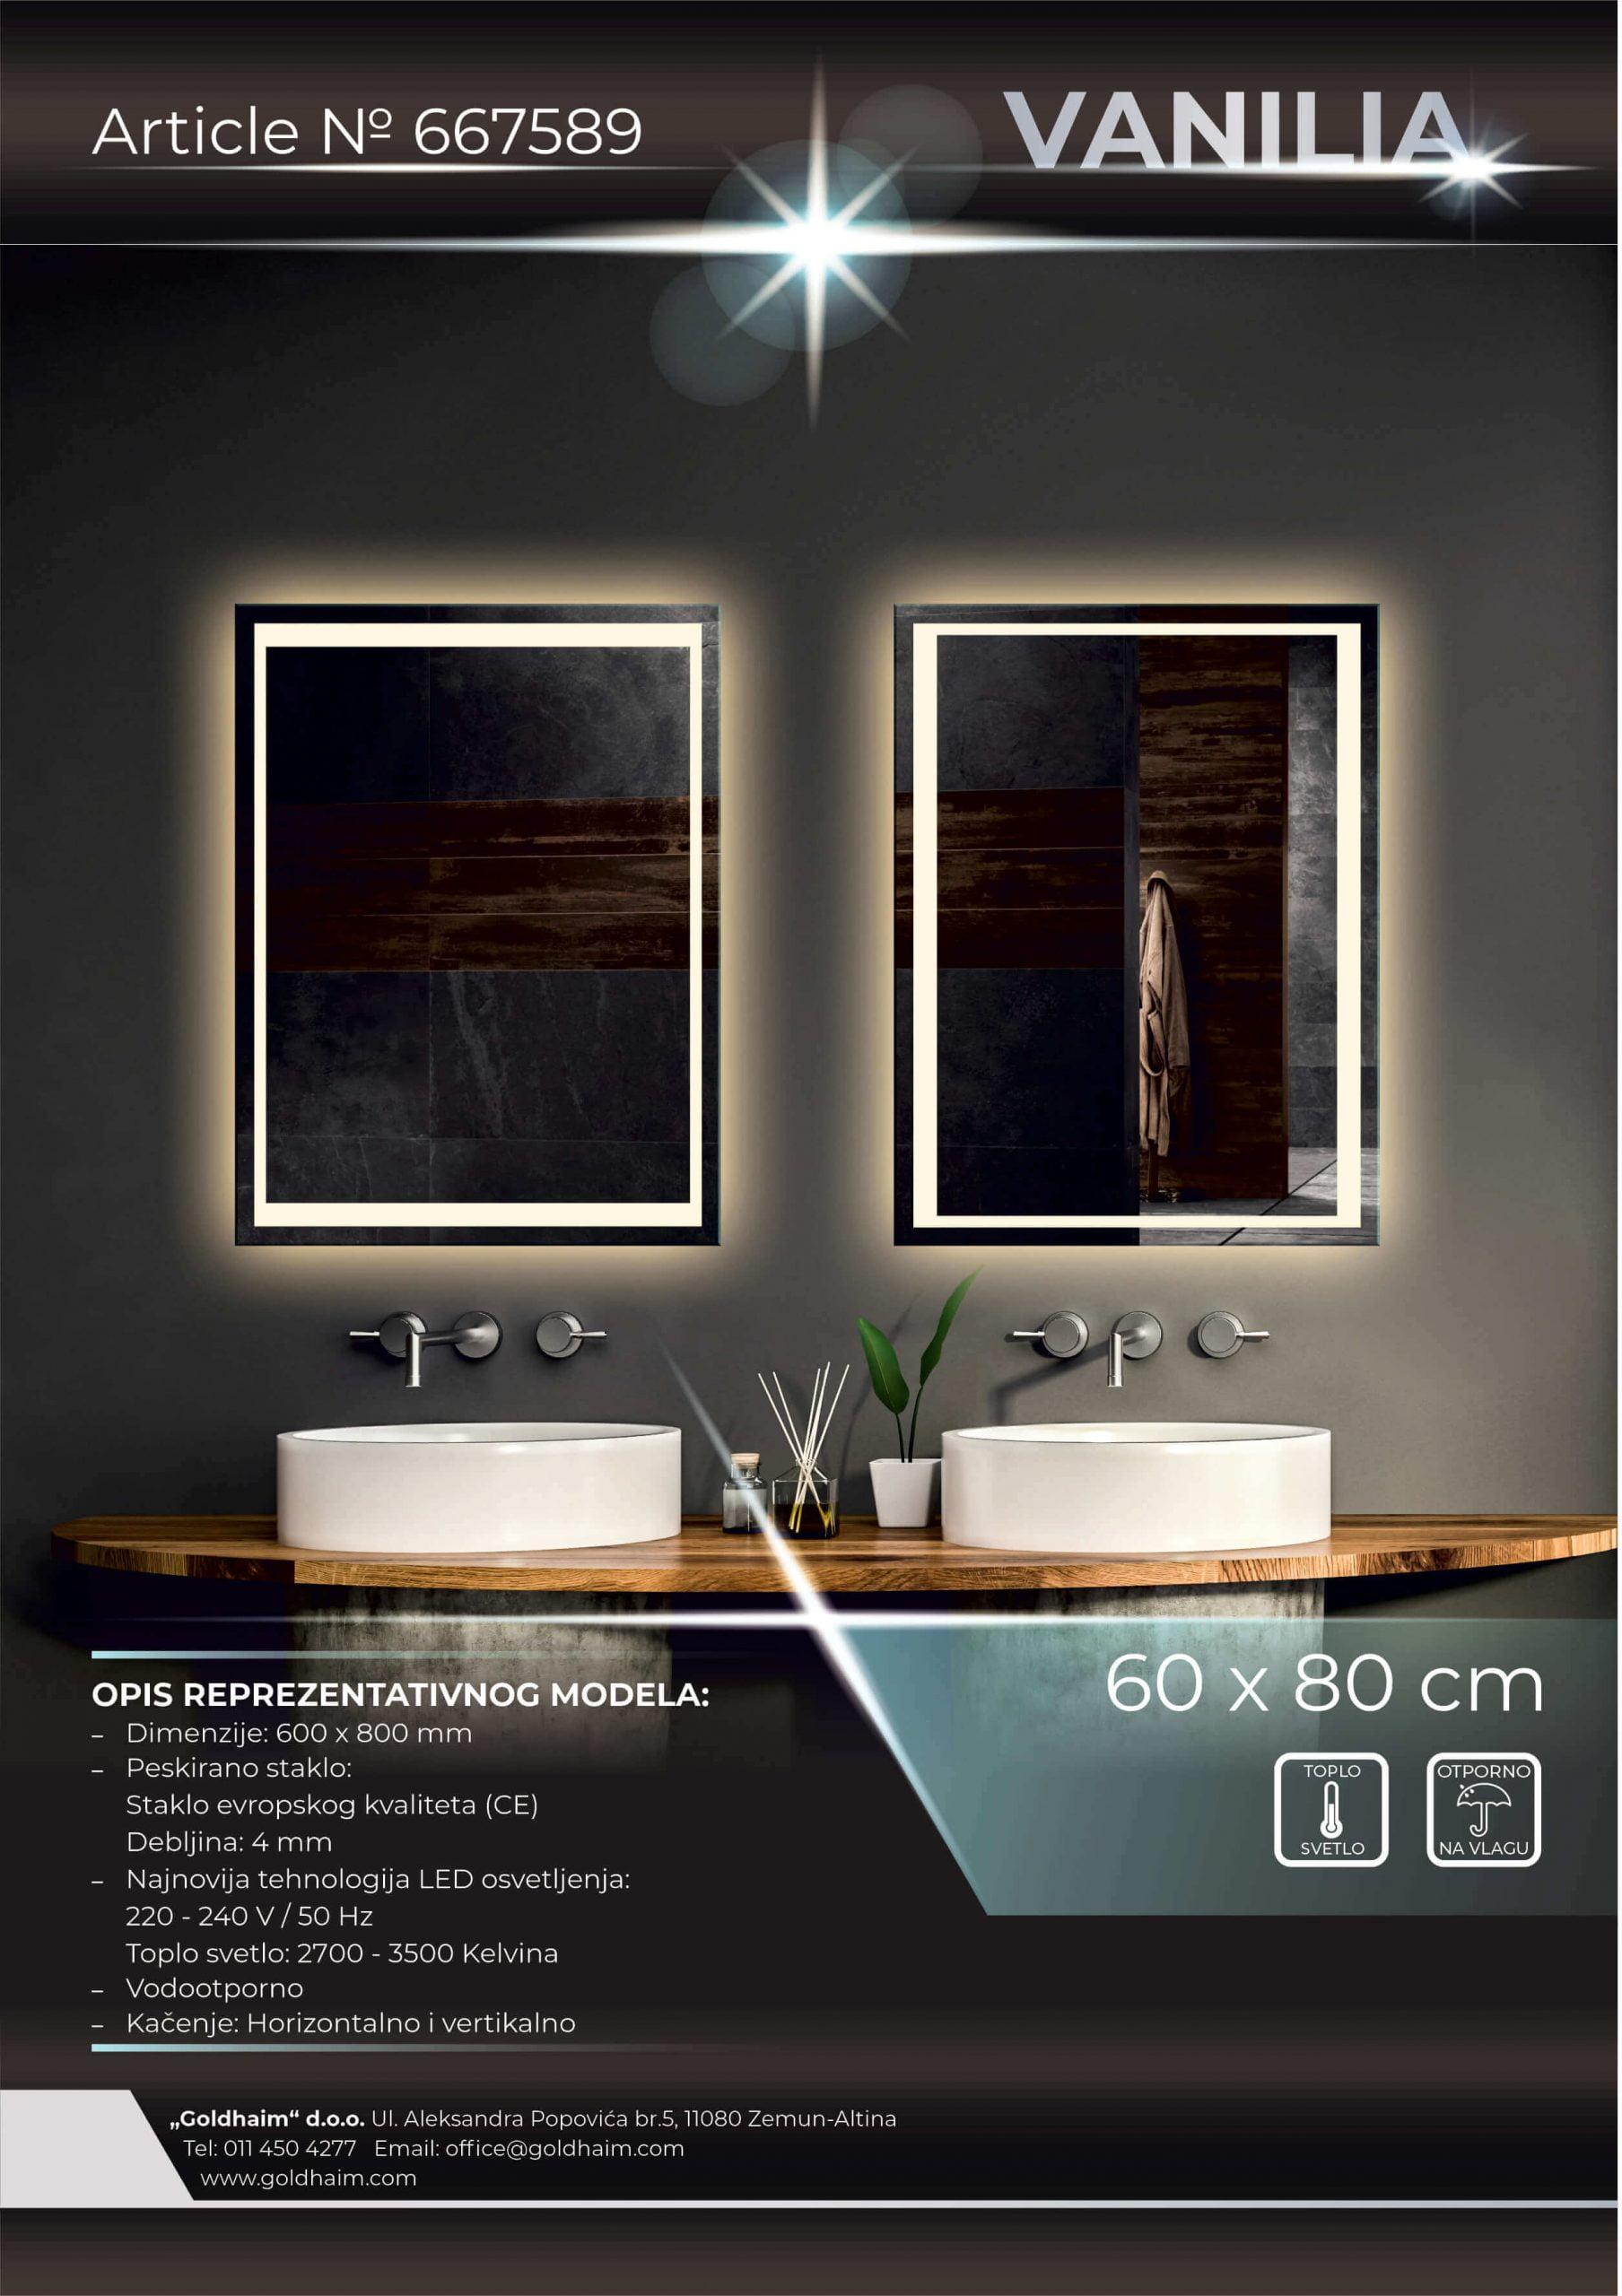 LED OGLEDALO 667589 VANILIA